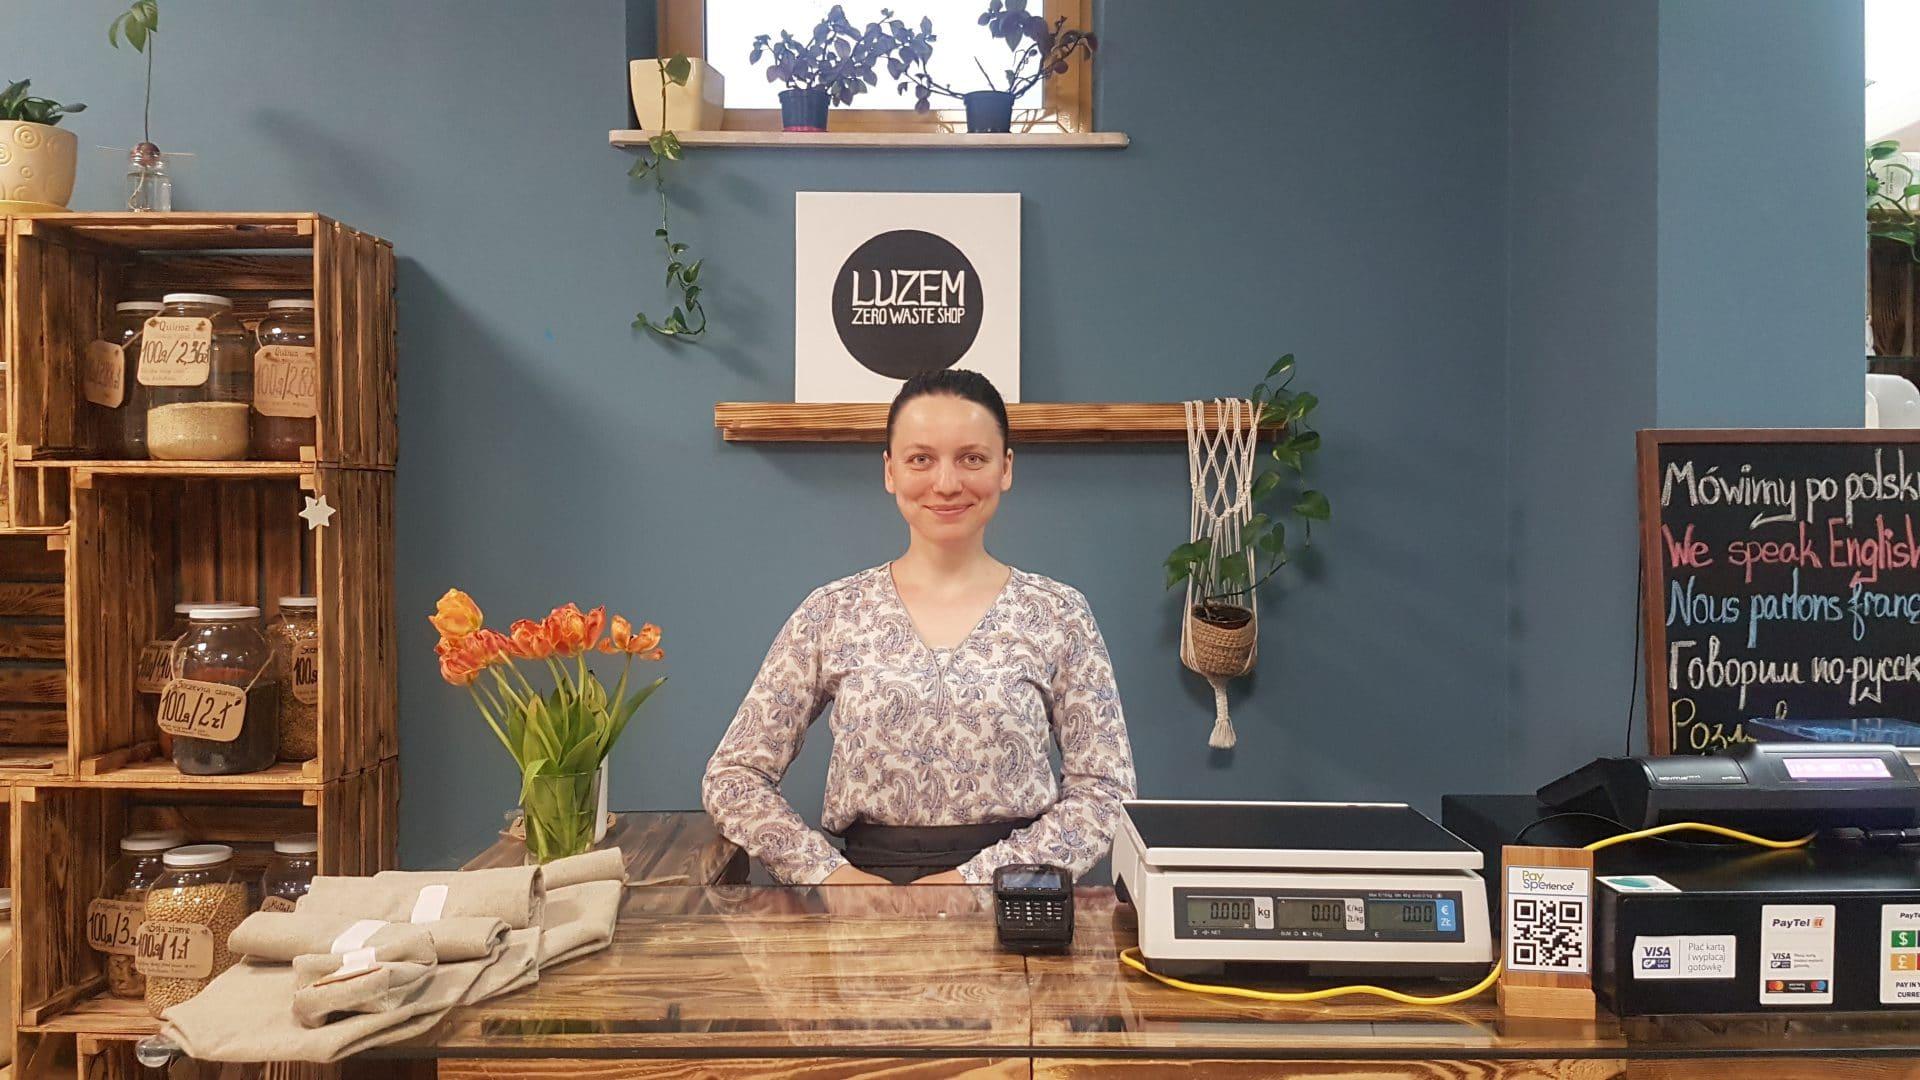 """Elina: """"Pracując tu, jestem ciągle zadowolona! Nie dość, że ludzie są tacy fajni, sprzedaję produkty w słusznej sprawie, to na dodatek mogę realizować swoje talenty"""". FOT. Karolina Gawlik"""